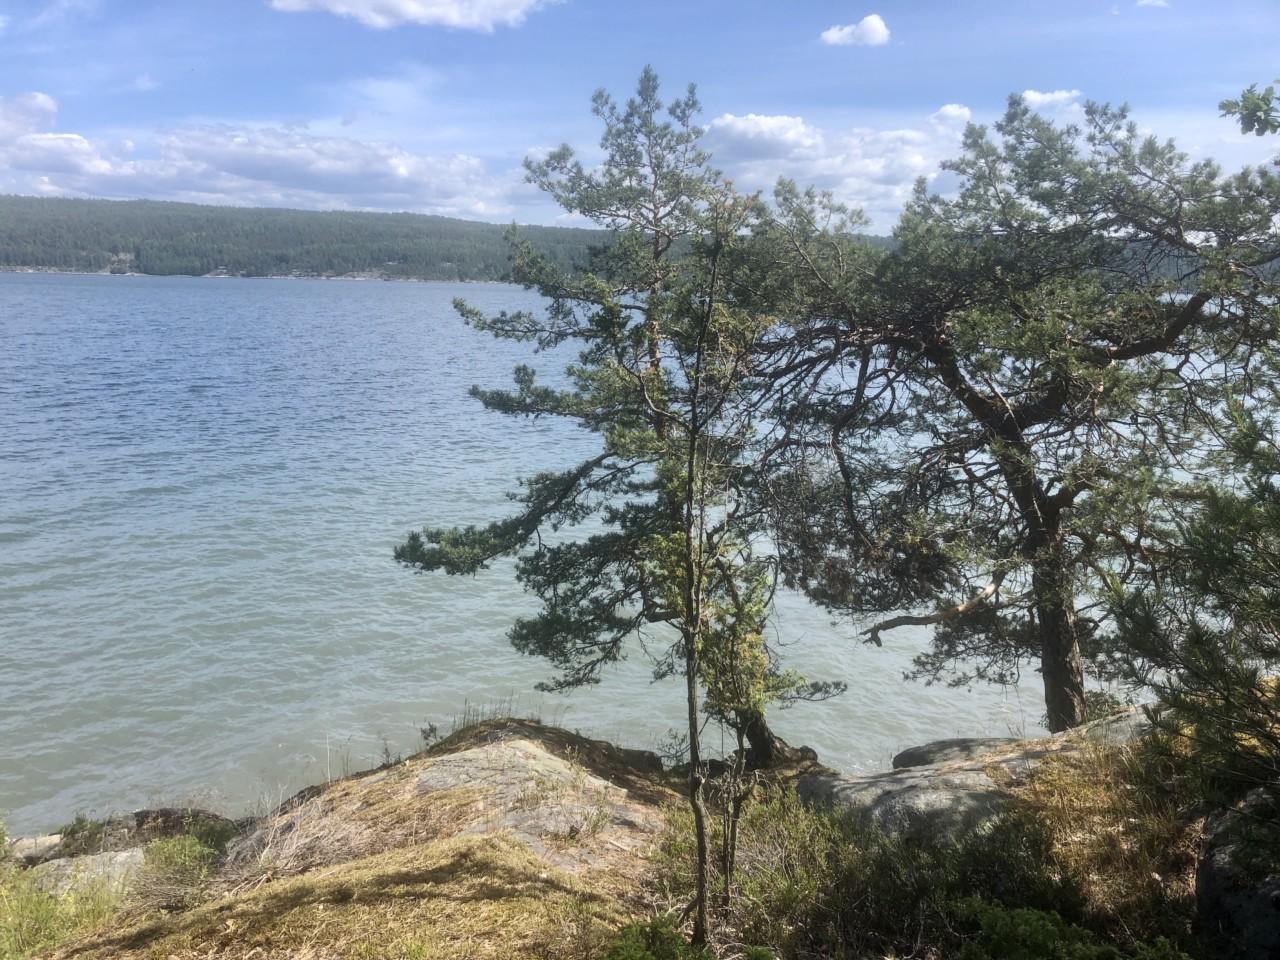 nesodden-kyststien-lokal-sommer-hav-svaberg